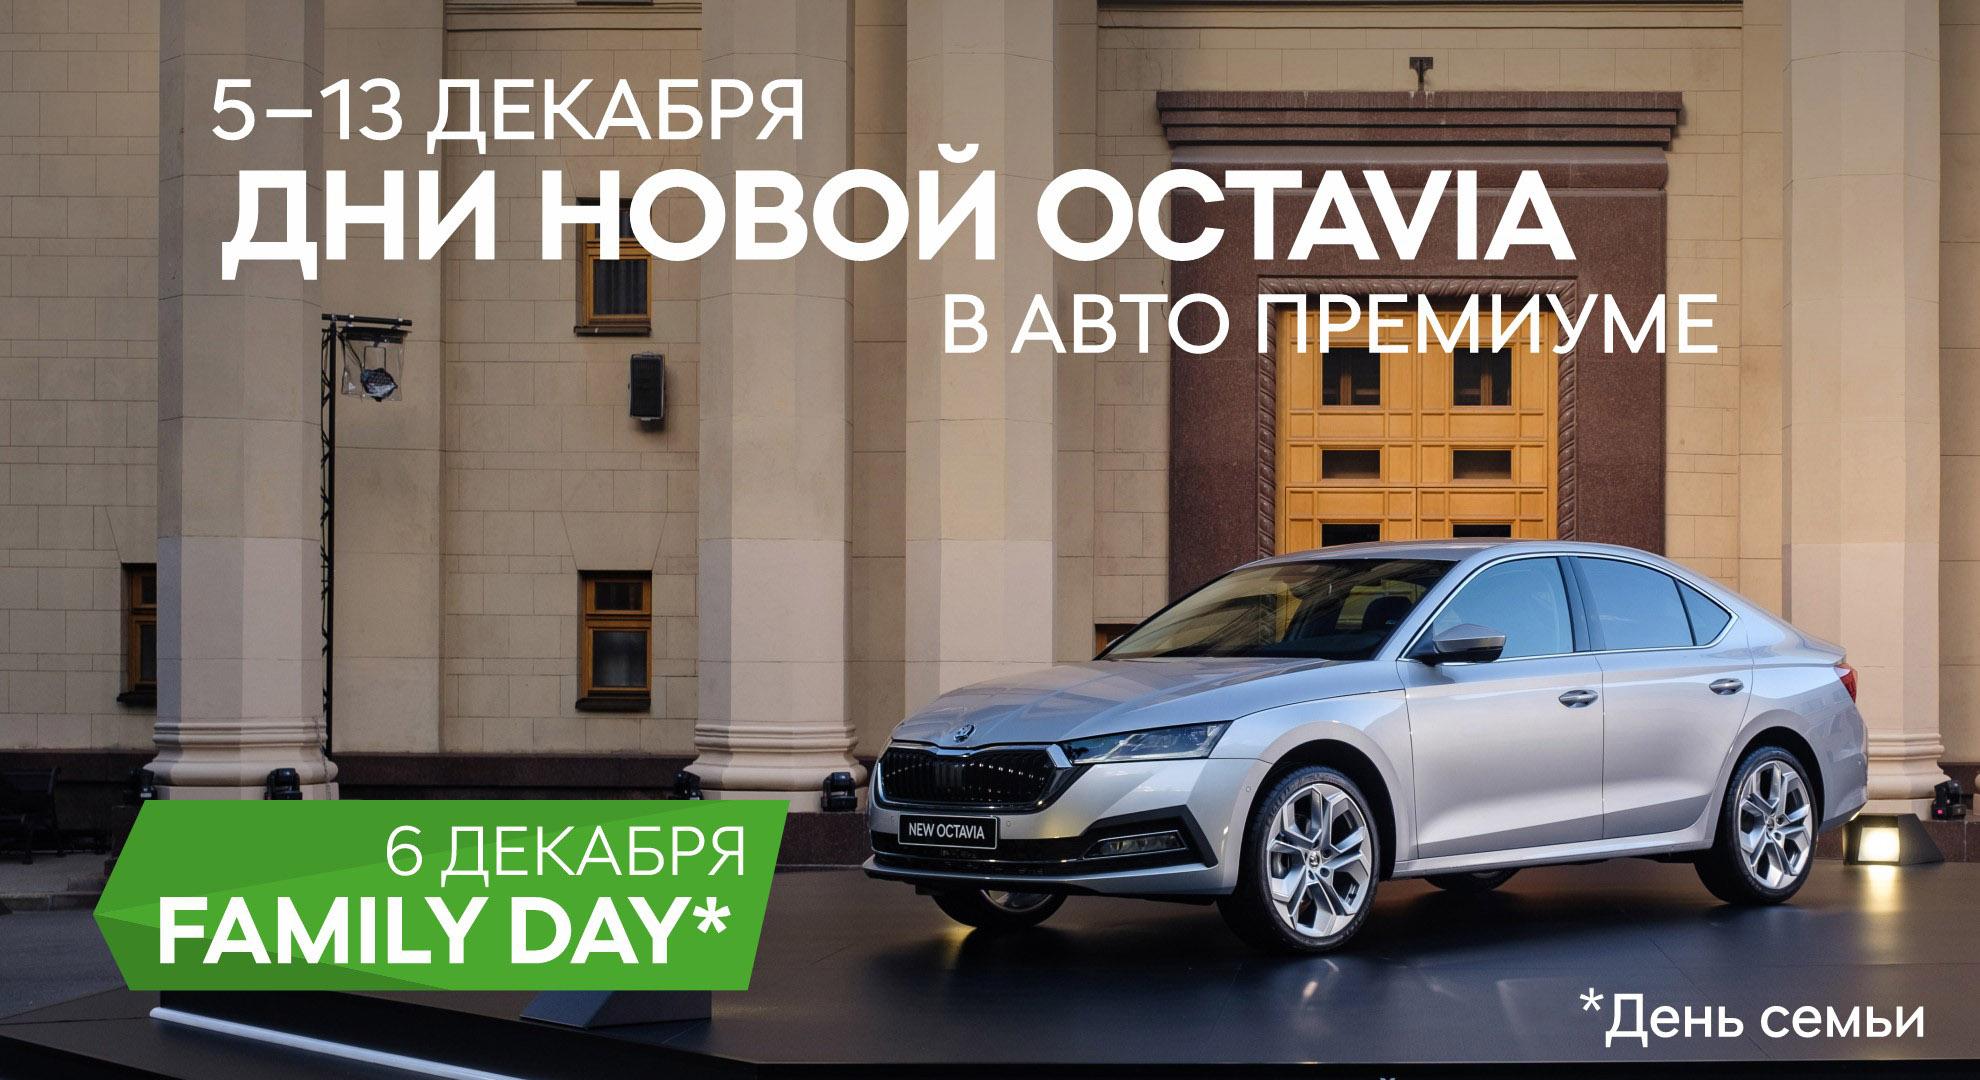 Дни NEW ŠKODA OCTAVIA в «Авто Премиуме»